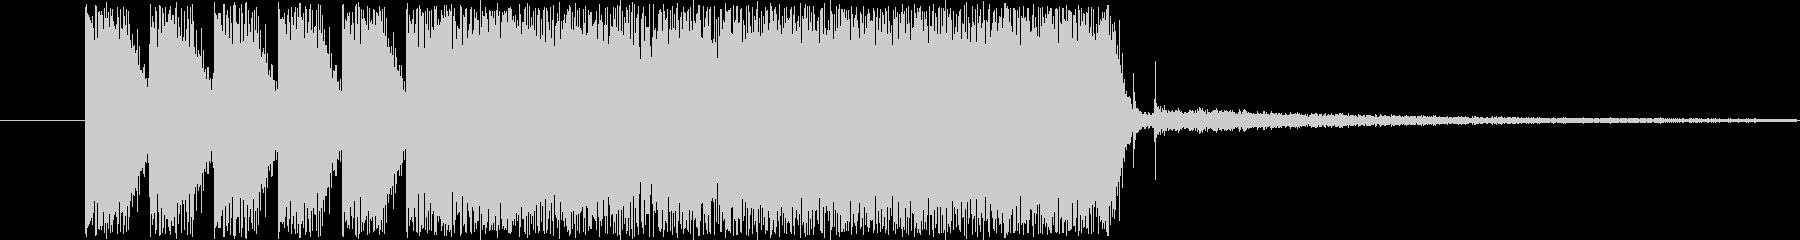 シンセサイザージングルの未再生の波形